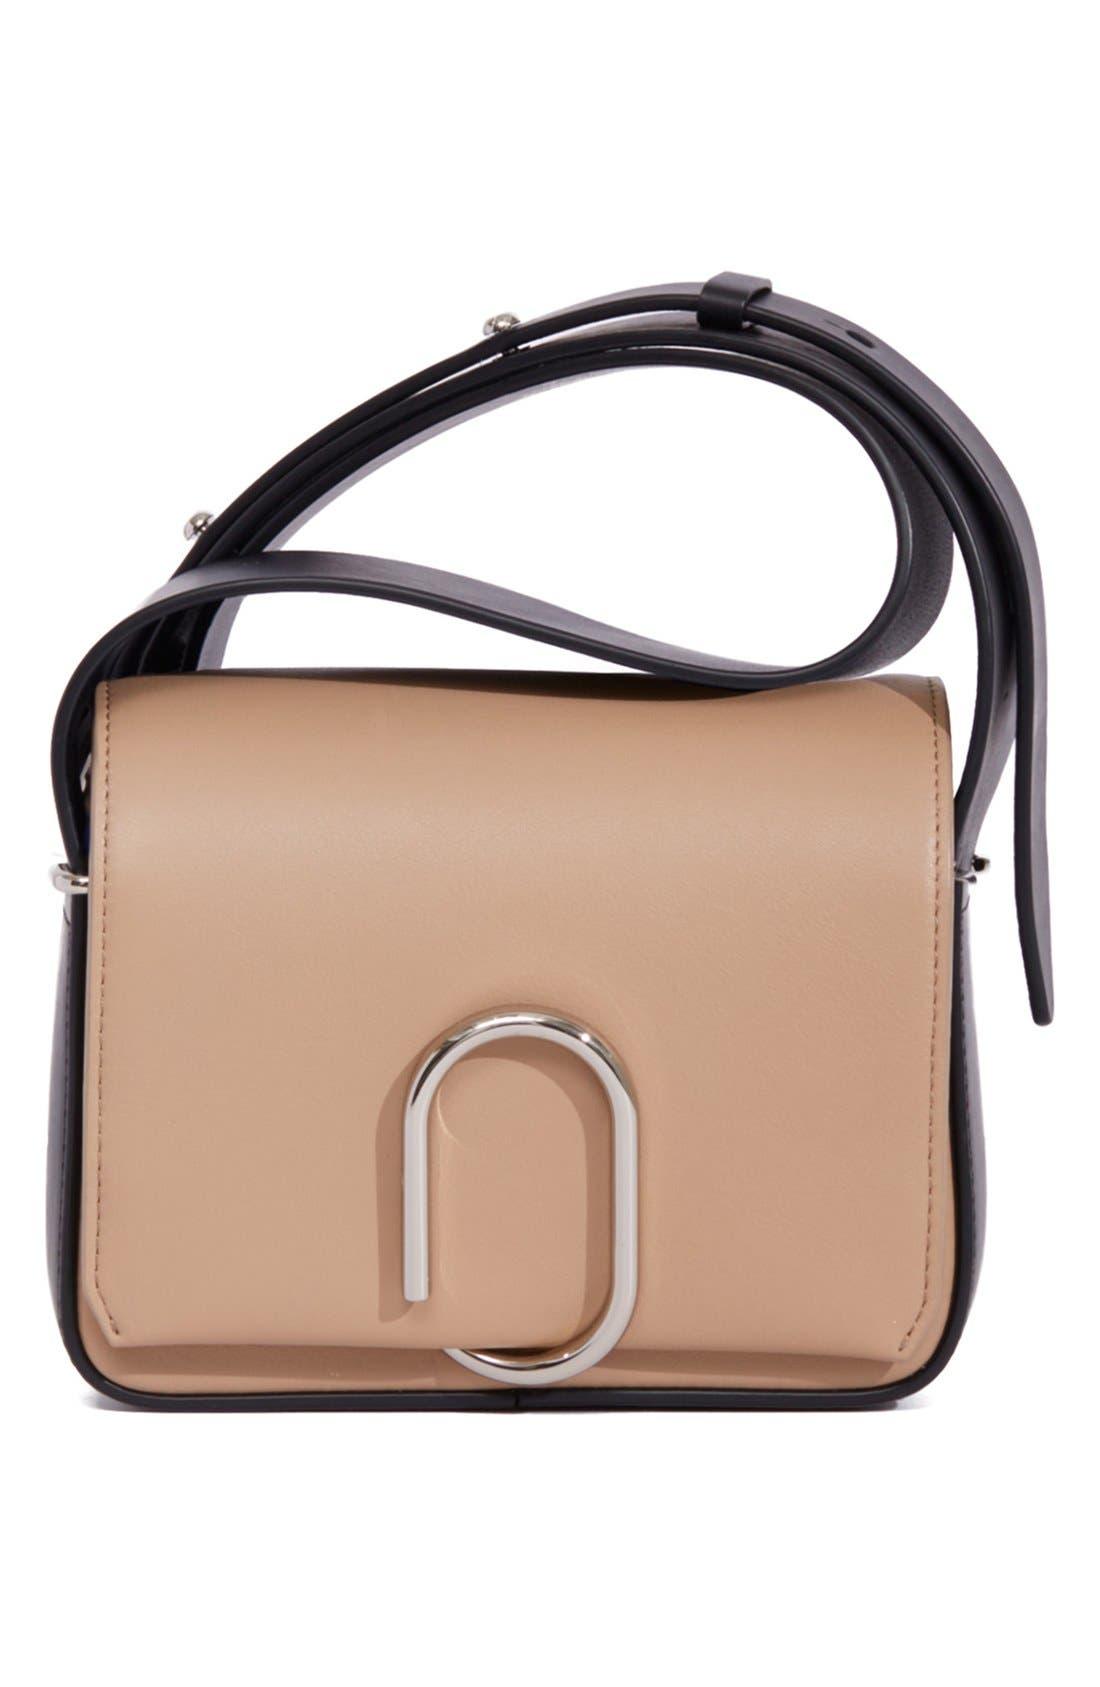 Alternate Image 1 Selected - 3.1 Phillip Lim 'Mini Alix' Leather Shoulder Bag